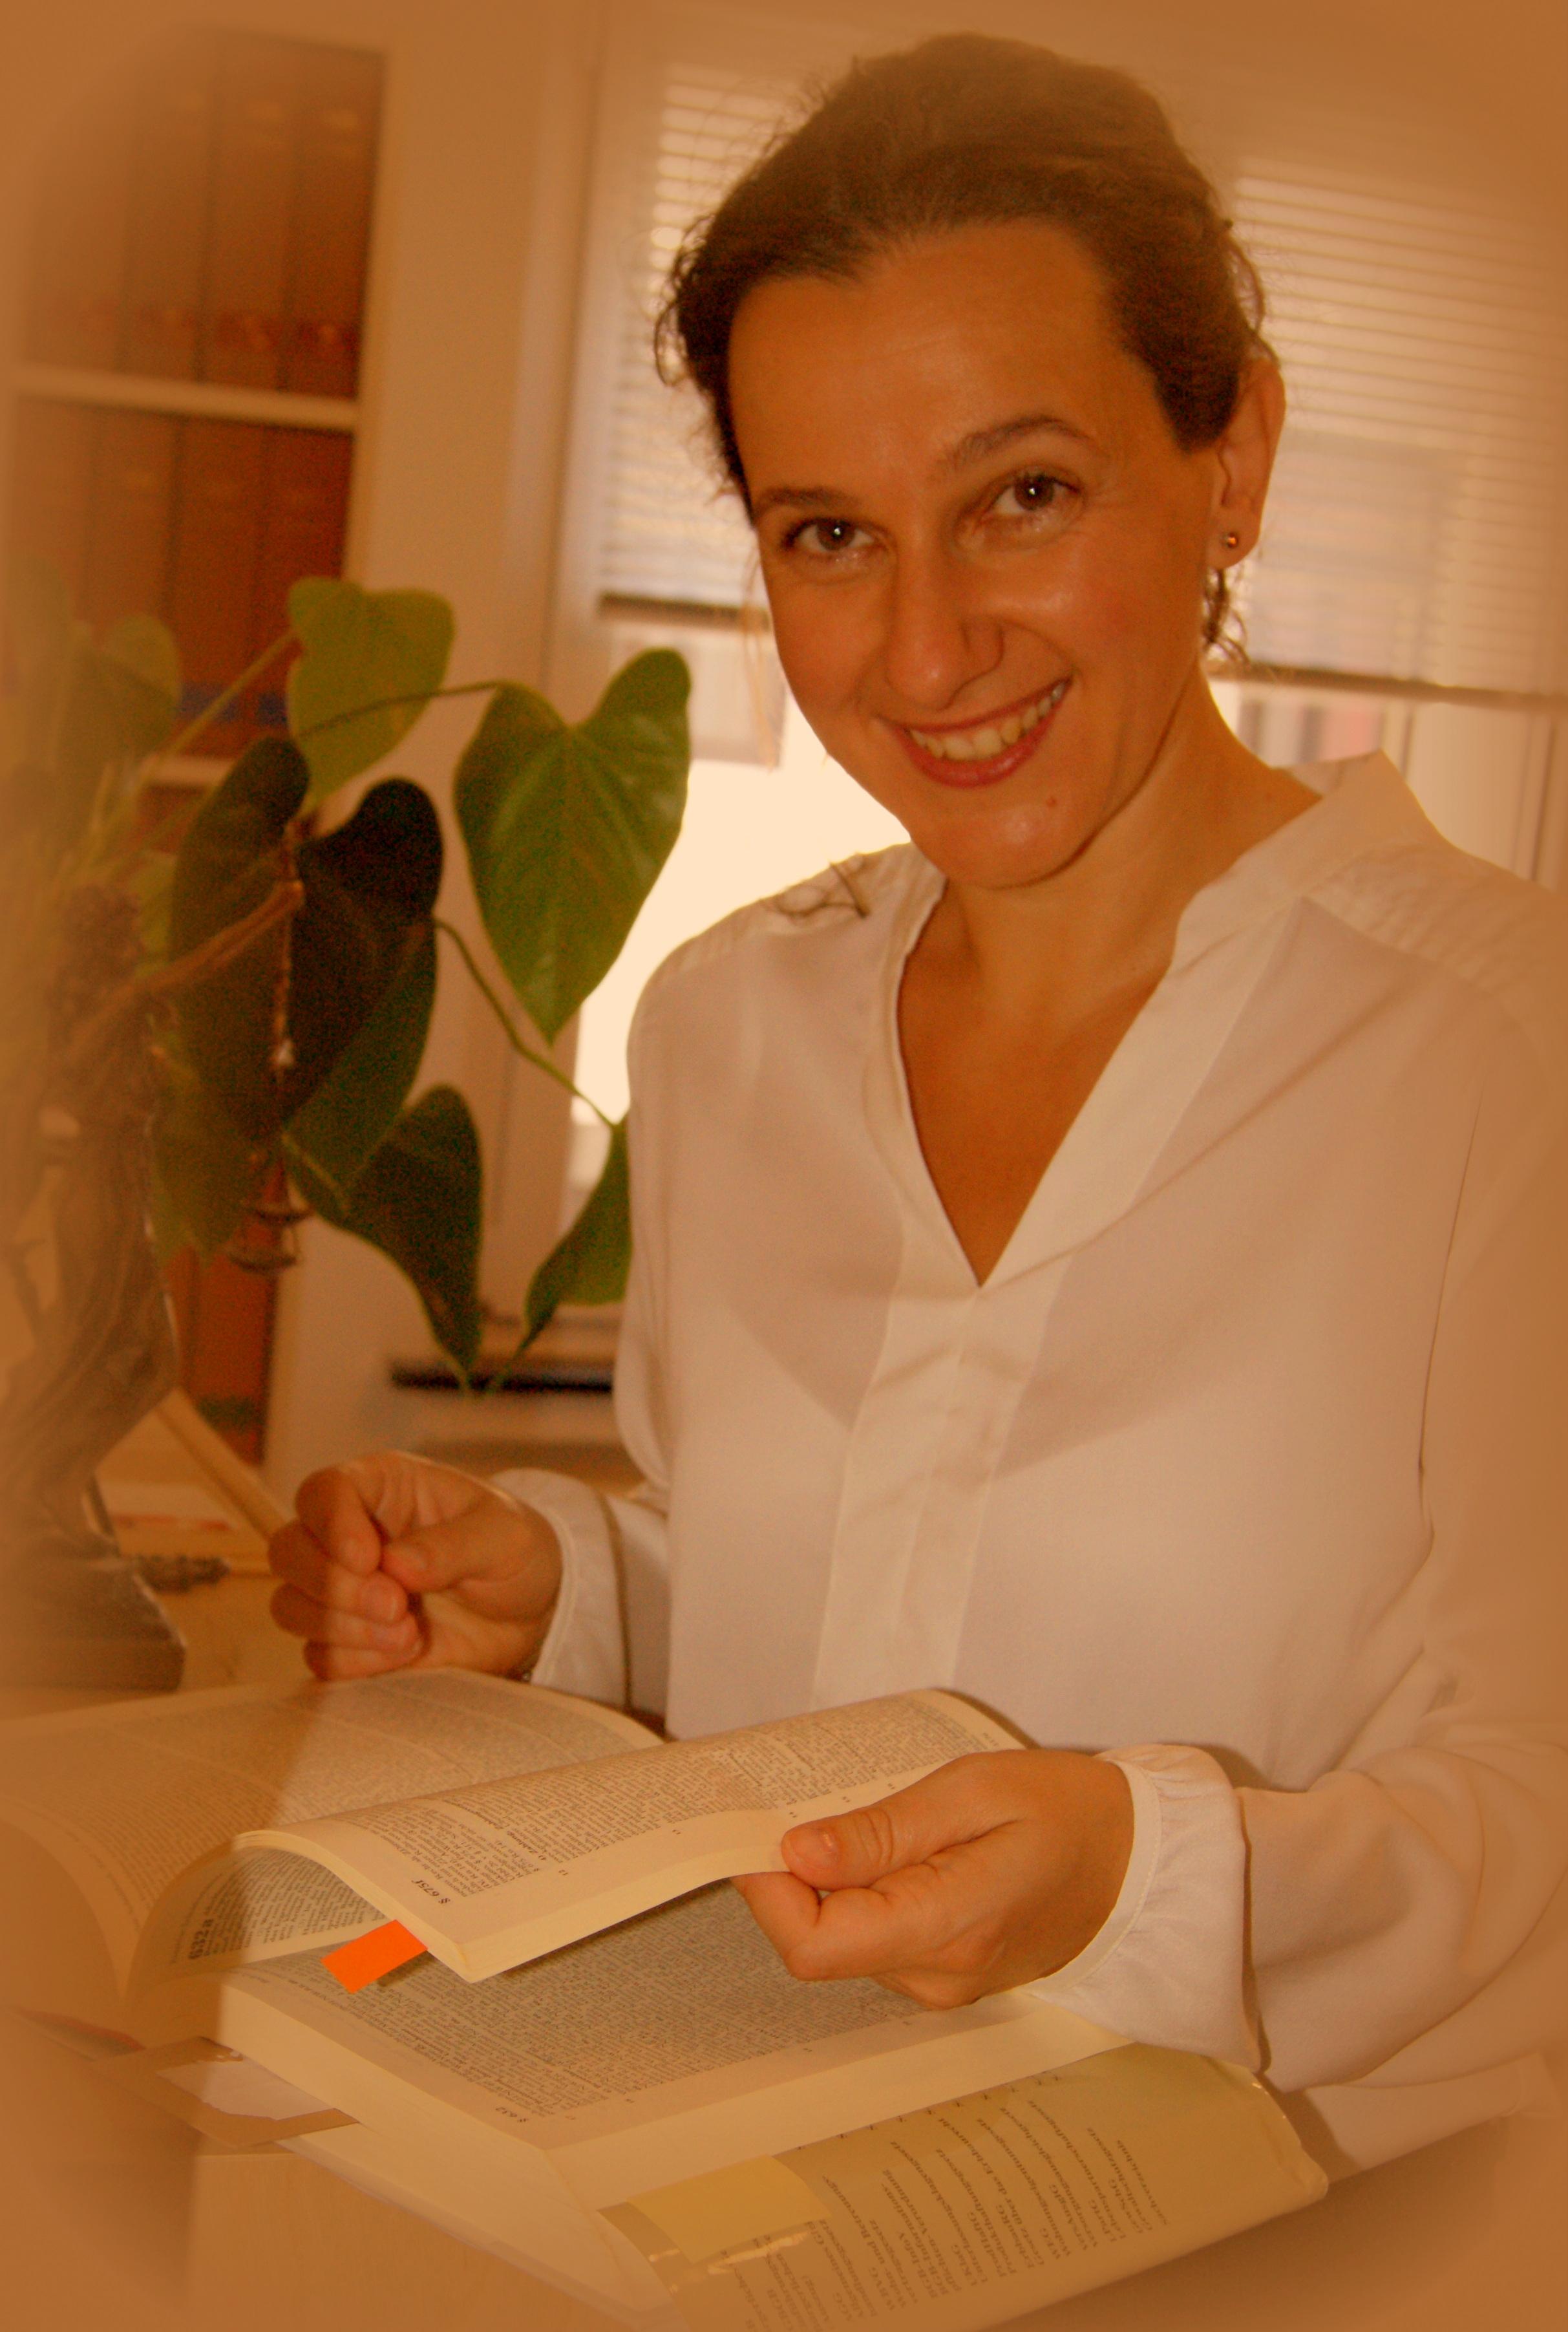 Bianca Heller